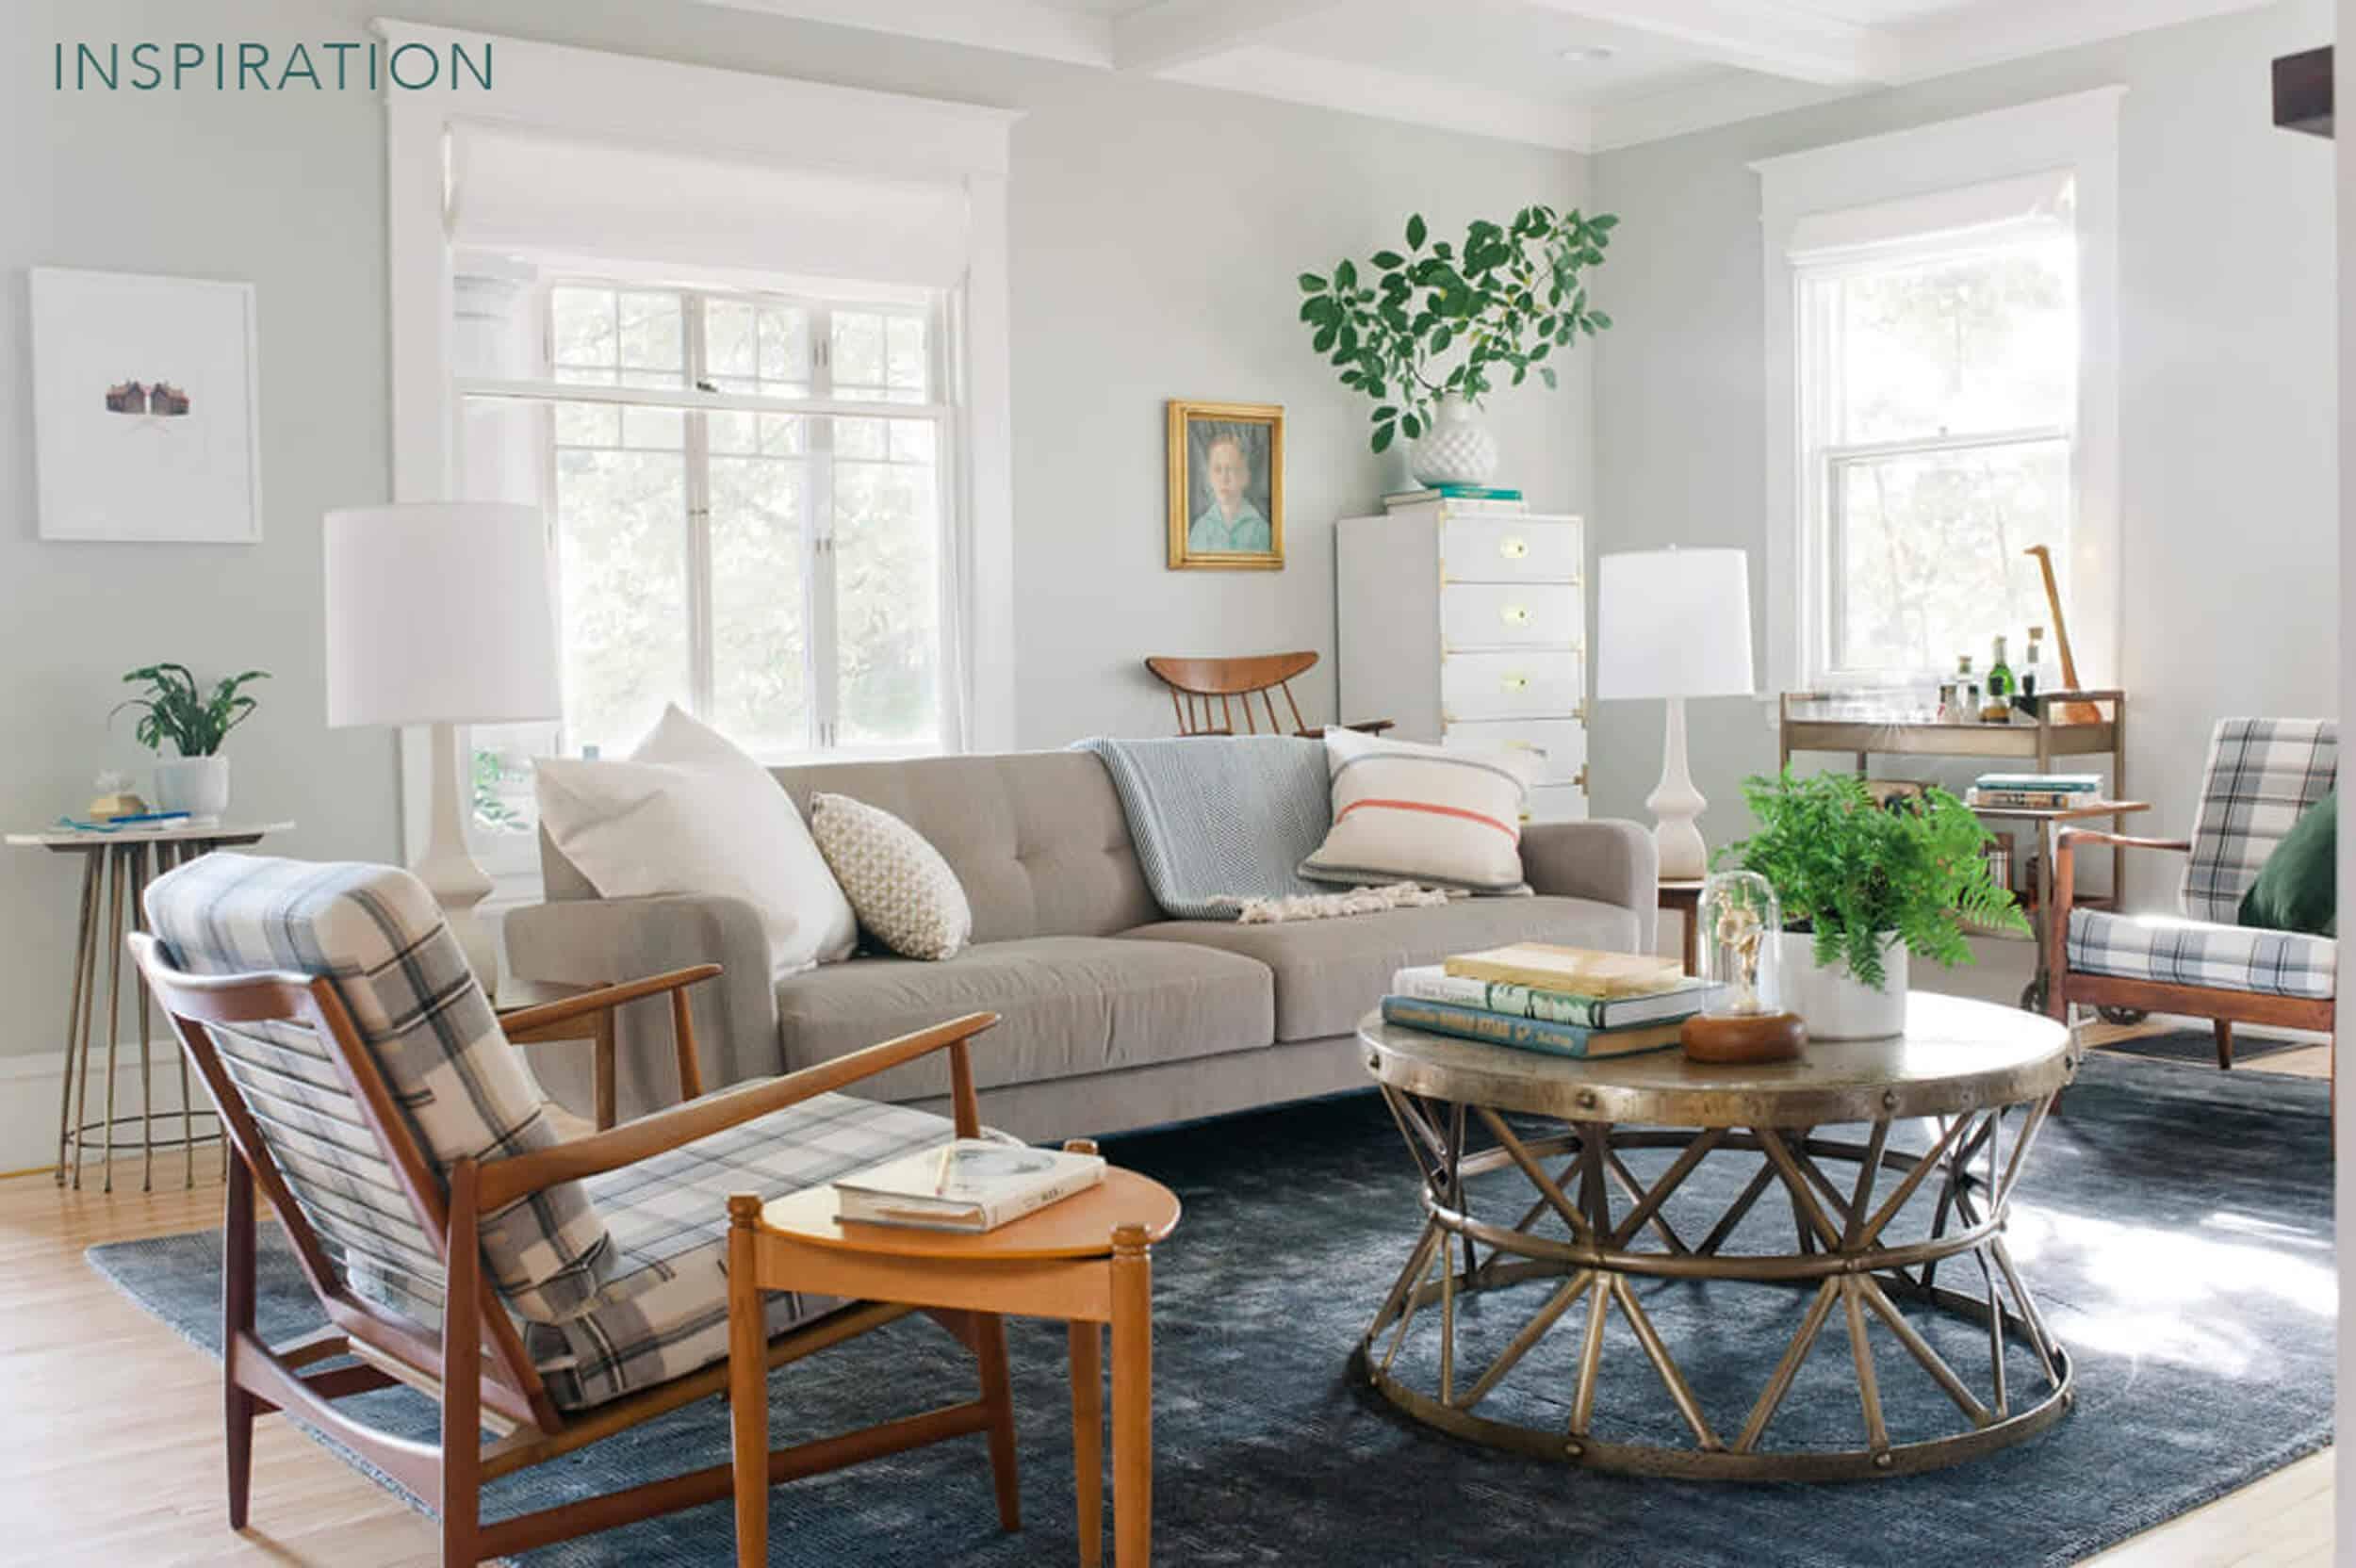 Inspiration Soria Living Room 3